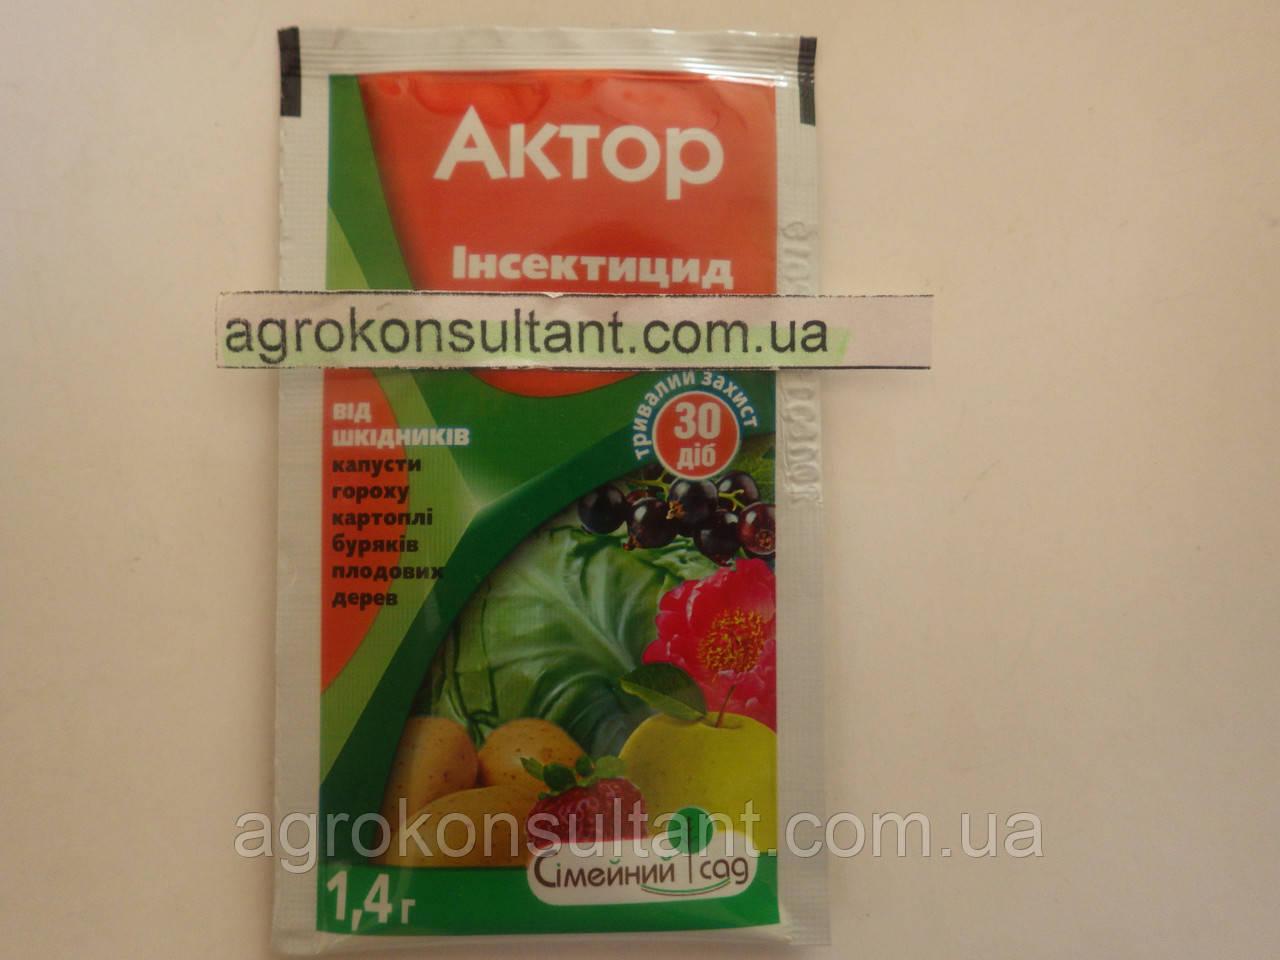 Актор / Актара, 1,4 г — системный инсектицид широкого спектра действия (от 100 видов вредителей)